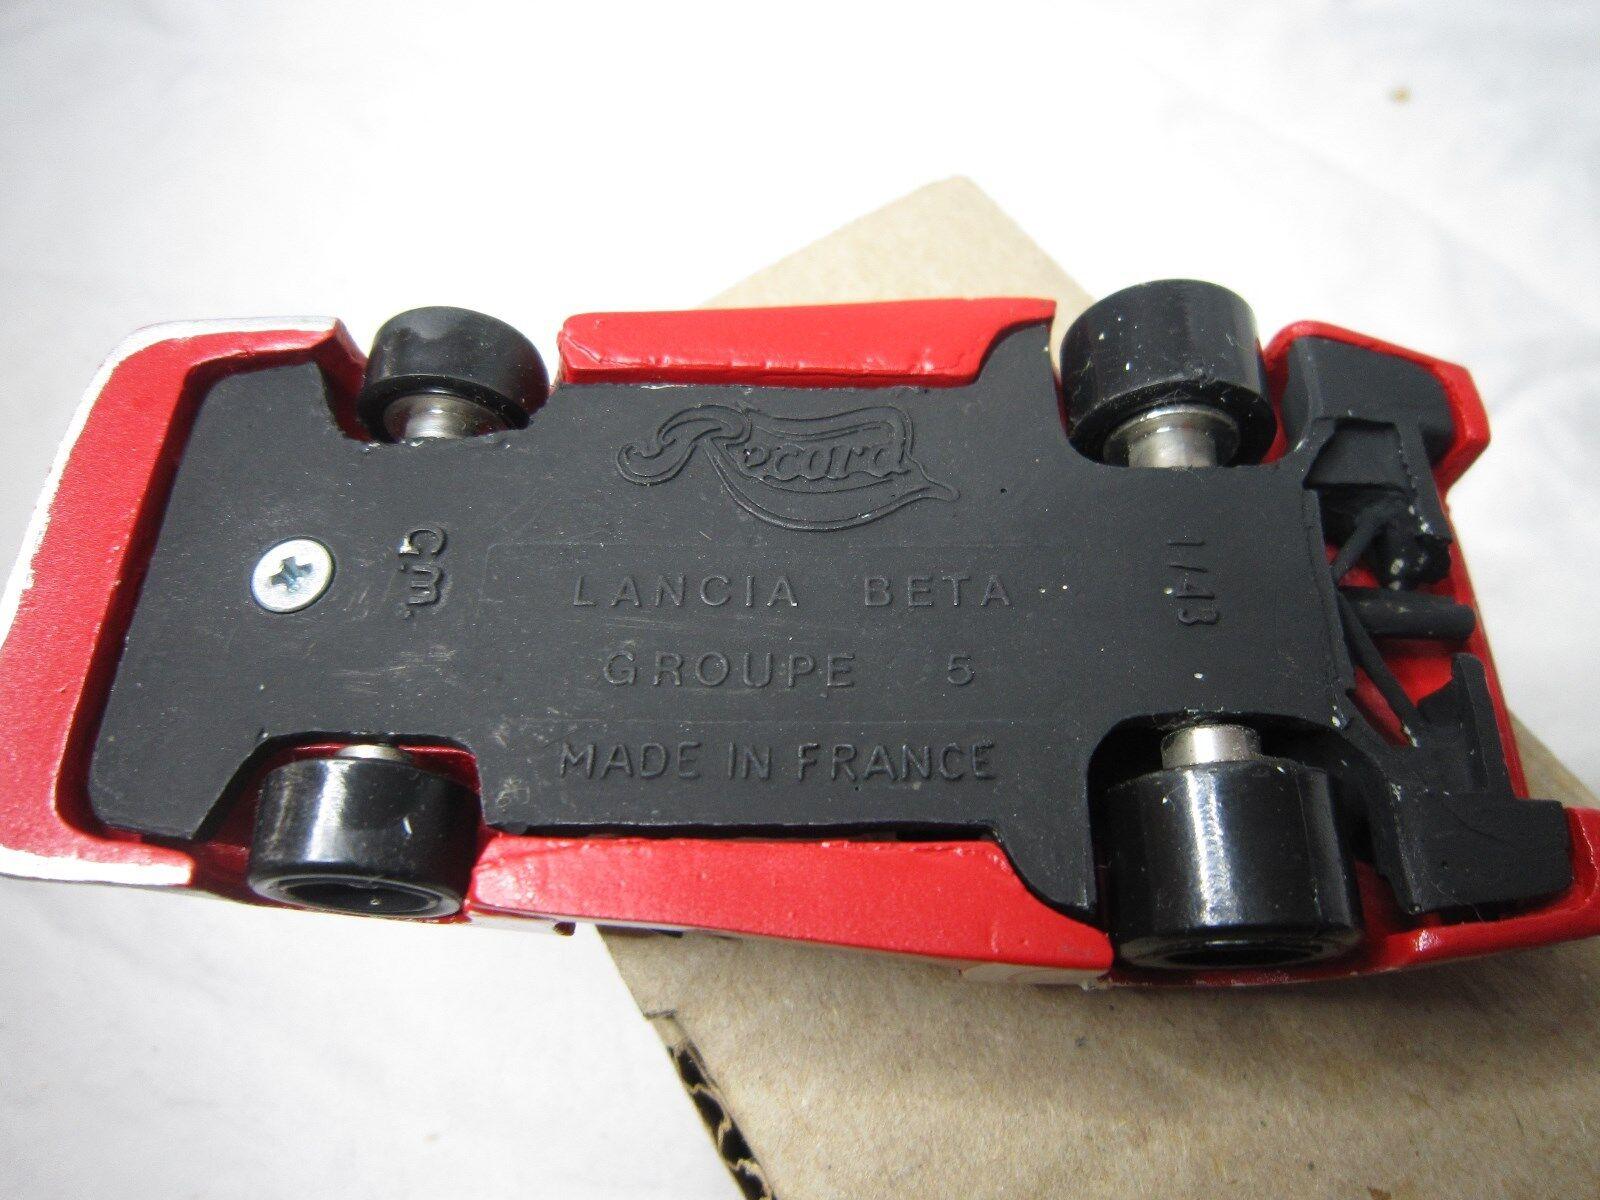 DV7195 RECORD LANCIA BETA MC LM80 LE LE LE MANS 1980 1 43 KIT DARNICHE HEYER FABI 5fb093